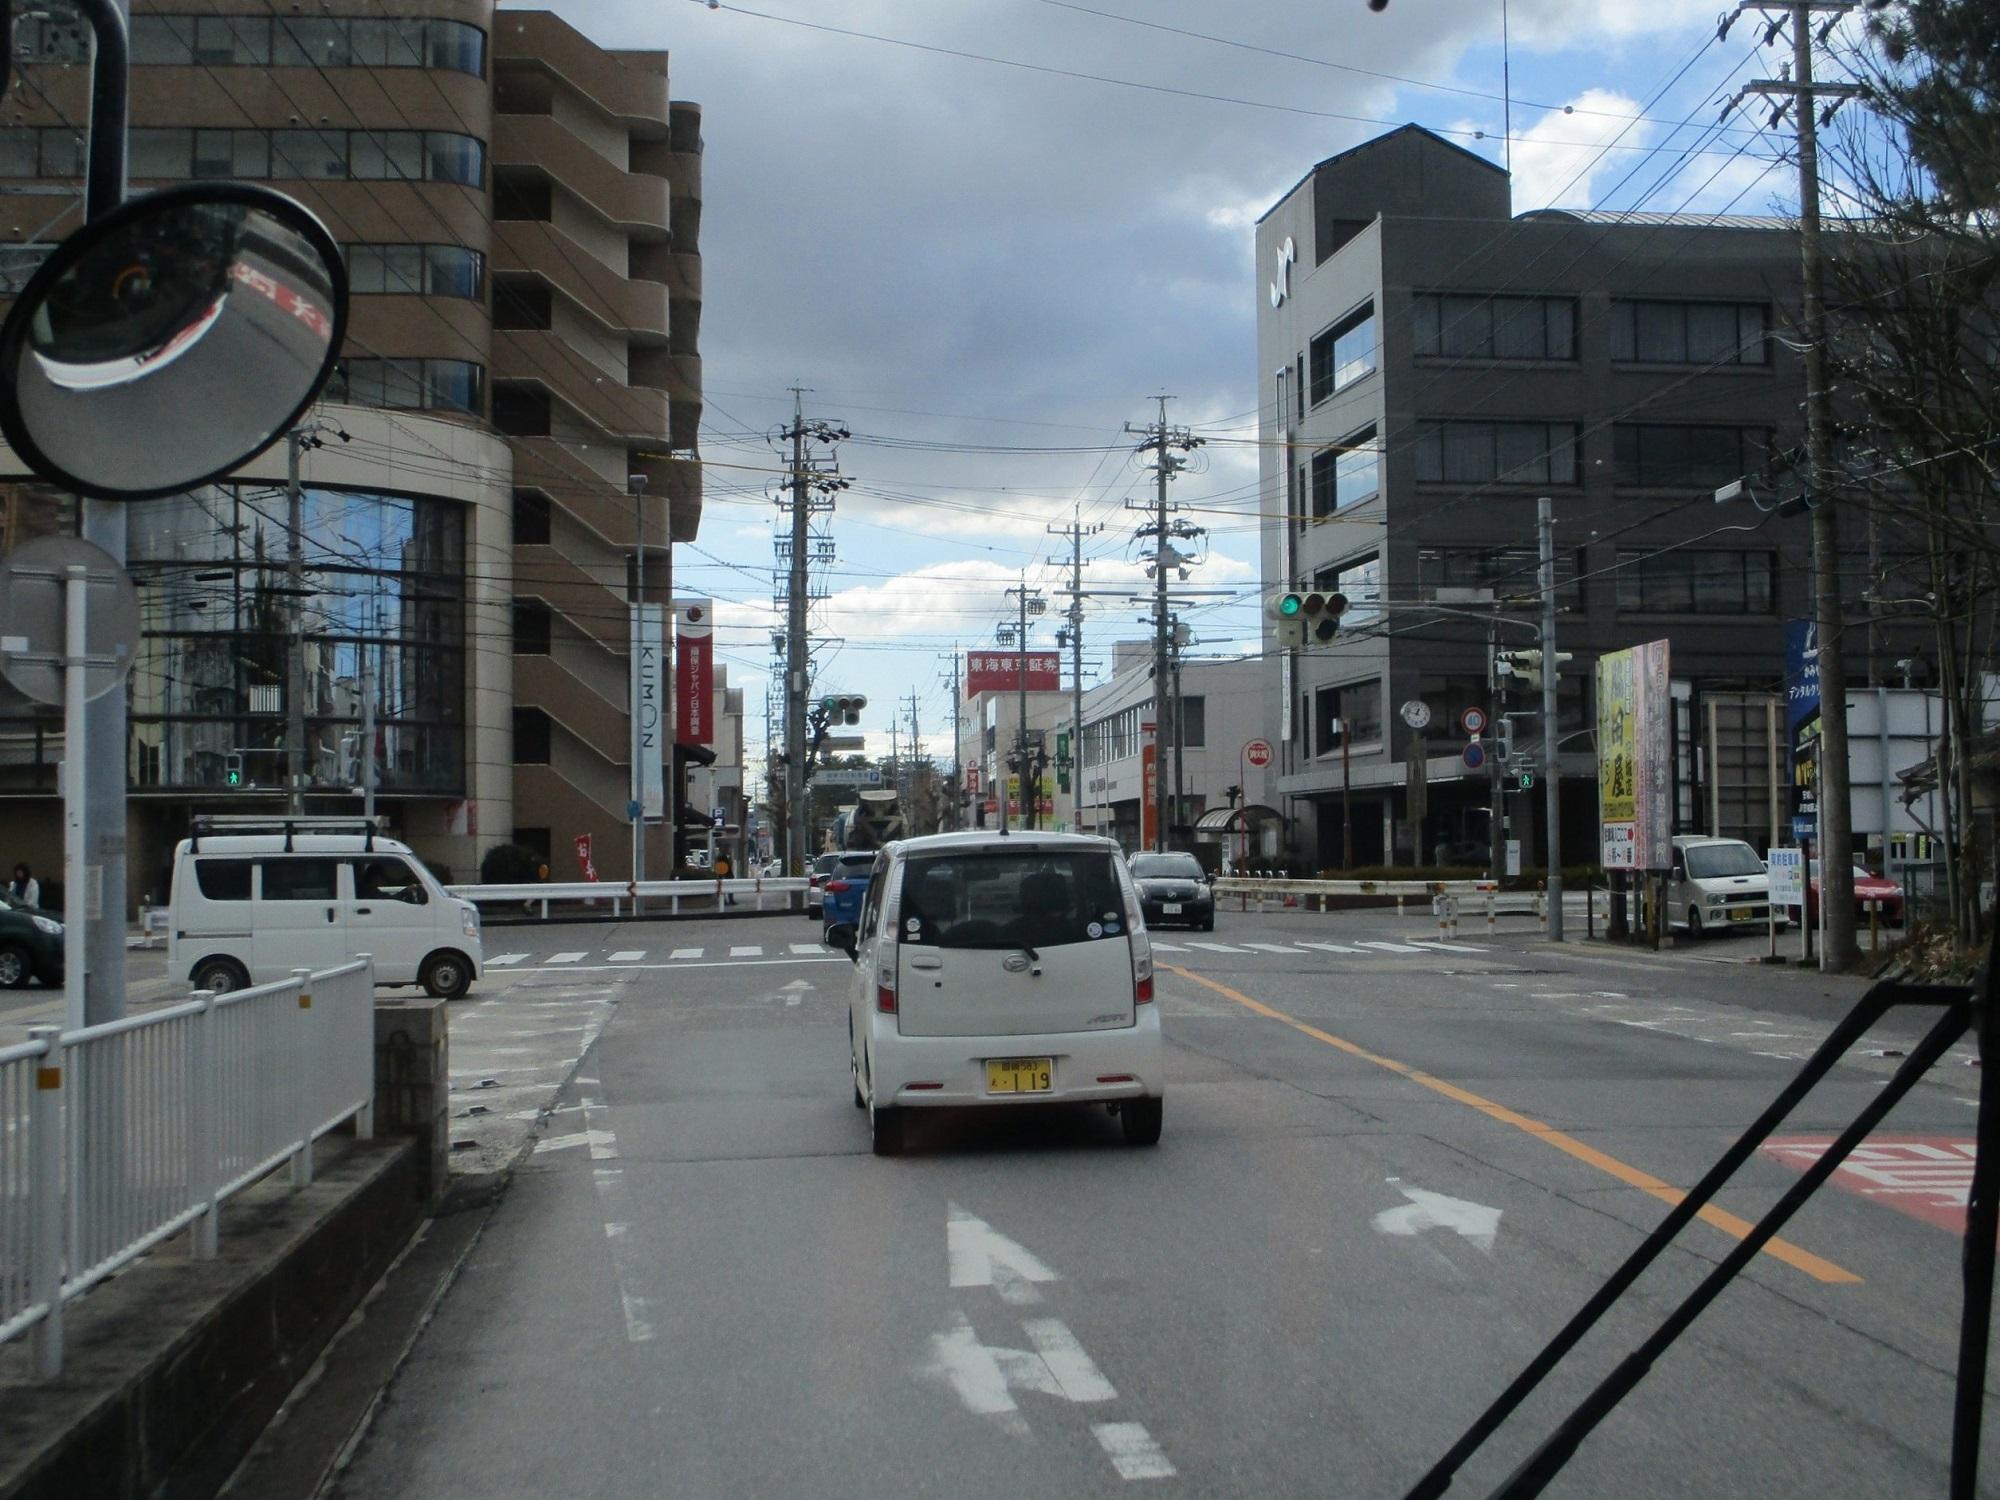 2020.1.29 (13) 更生病院いきバス - 桜町交差点を左折 2000-1500